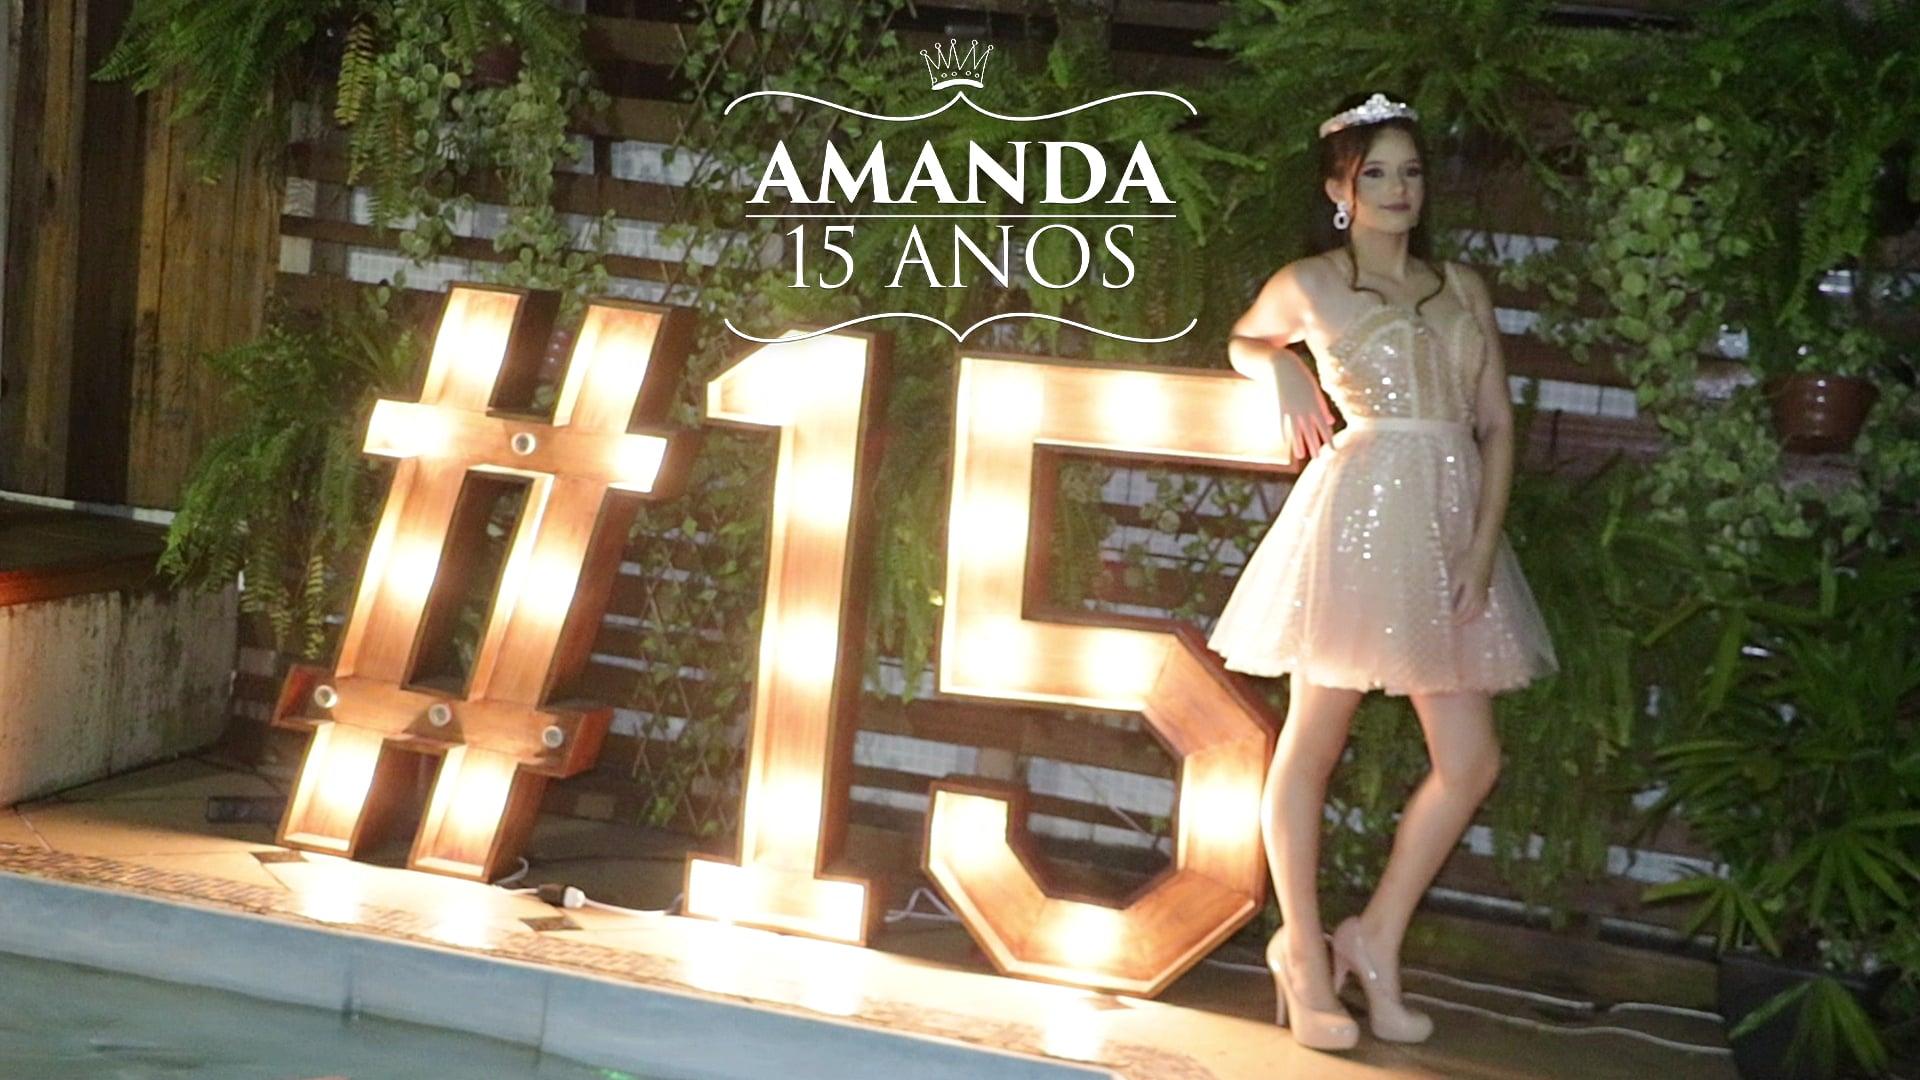 Trailer: Amanda 15 Anos